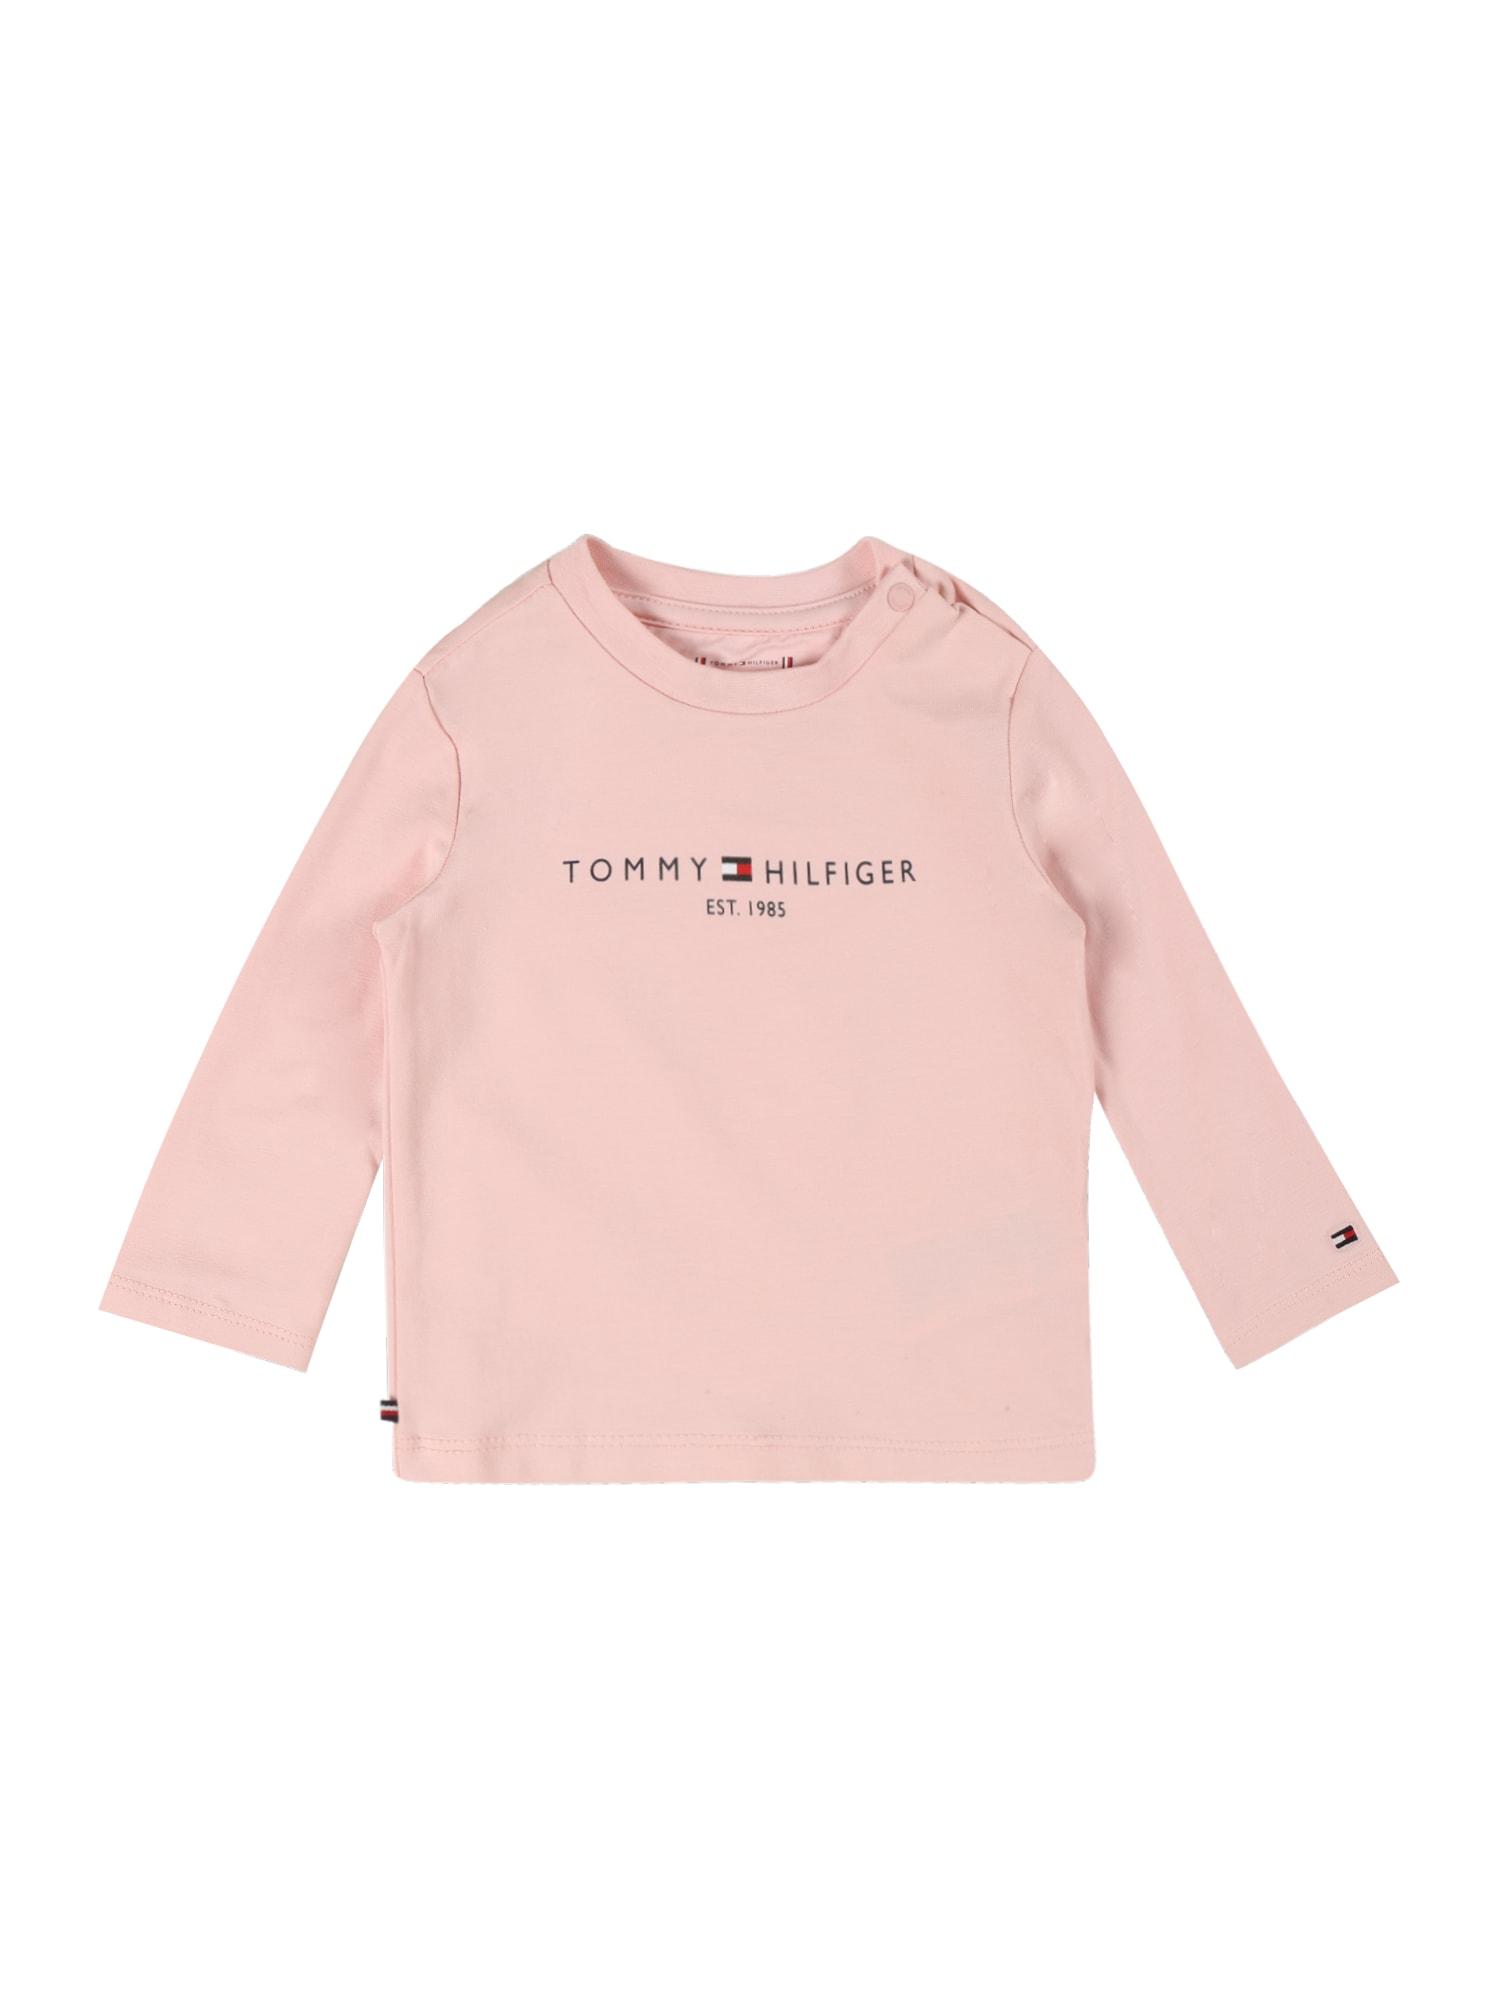 TOMMY HILFIGER Tričko  růžová / tmavě modrá / bílá / červená